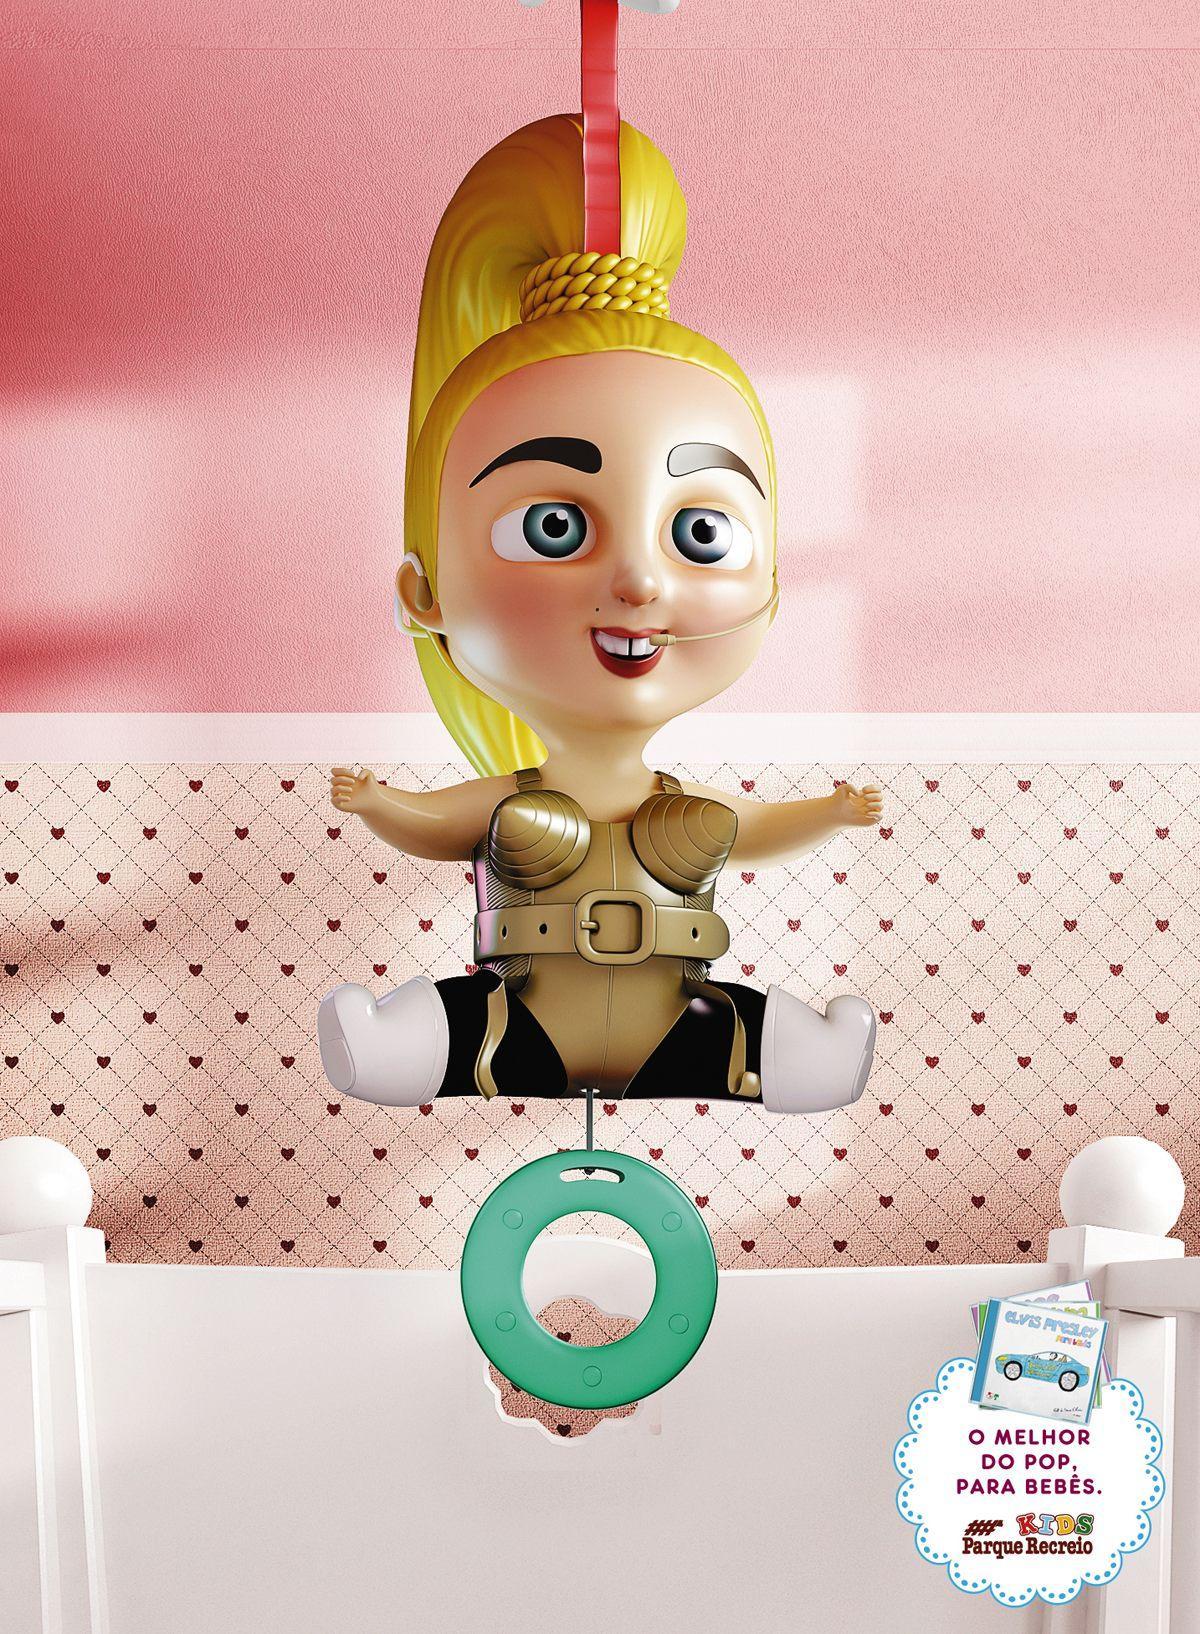 Parque Recreio Kids Print Ad -  Pop Toys, 2